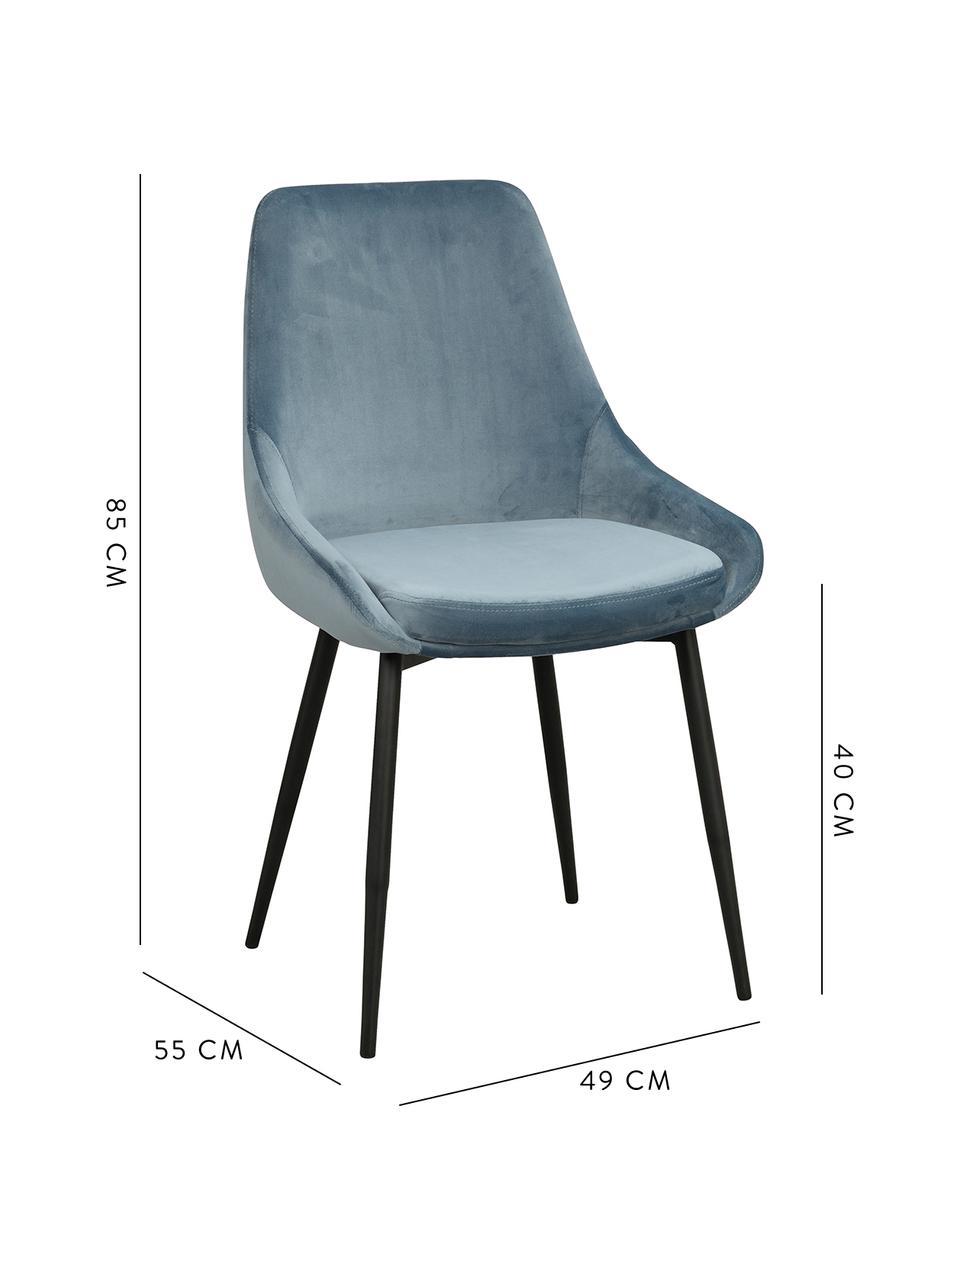 Samt-Polsterstühle Sierra, 2 Stück, Bezug: Polyestersamt Der strapaz, Beine: Metall, lackiert, Samt Blau, B 49 x T 55 cm